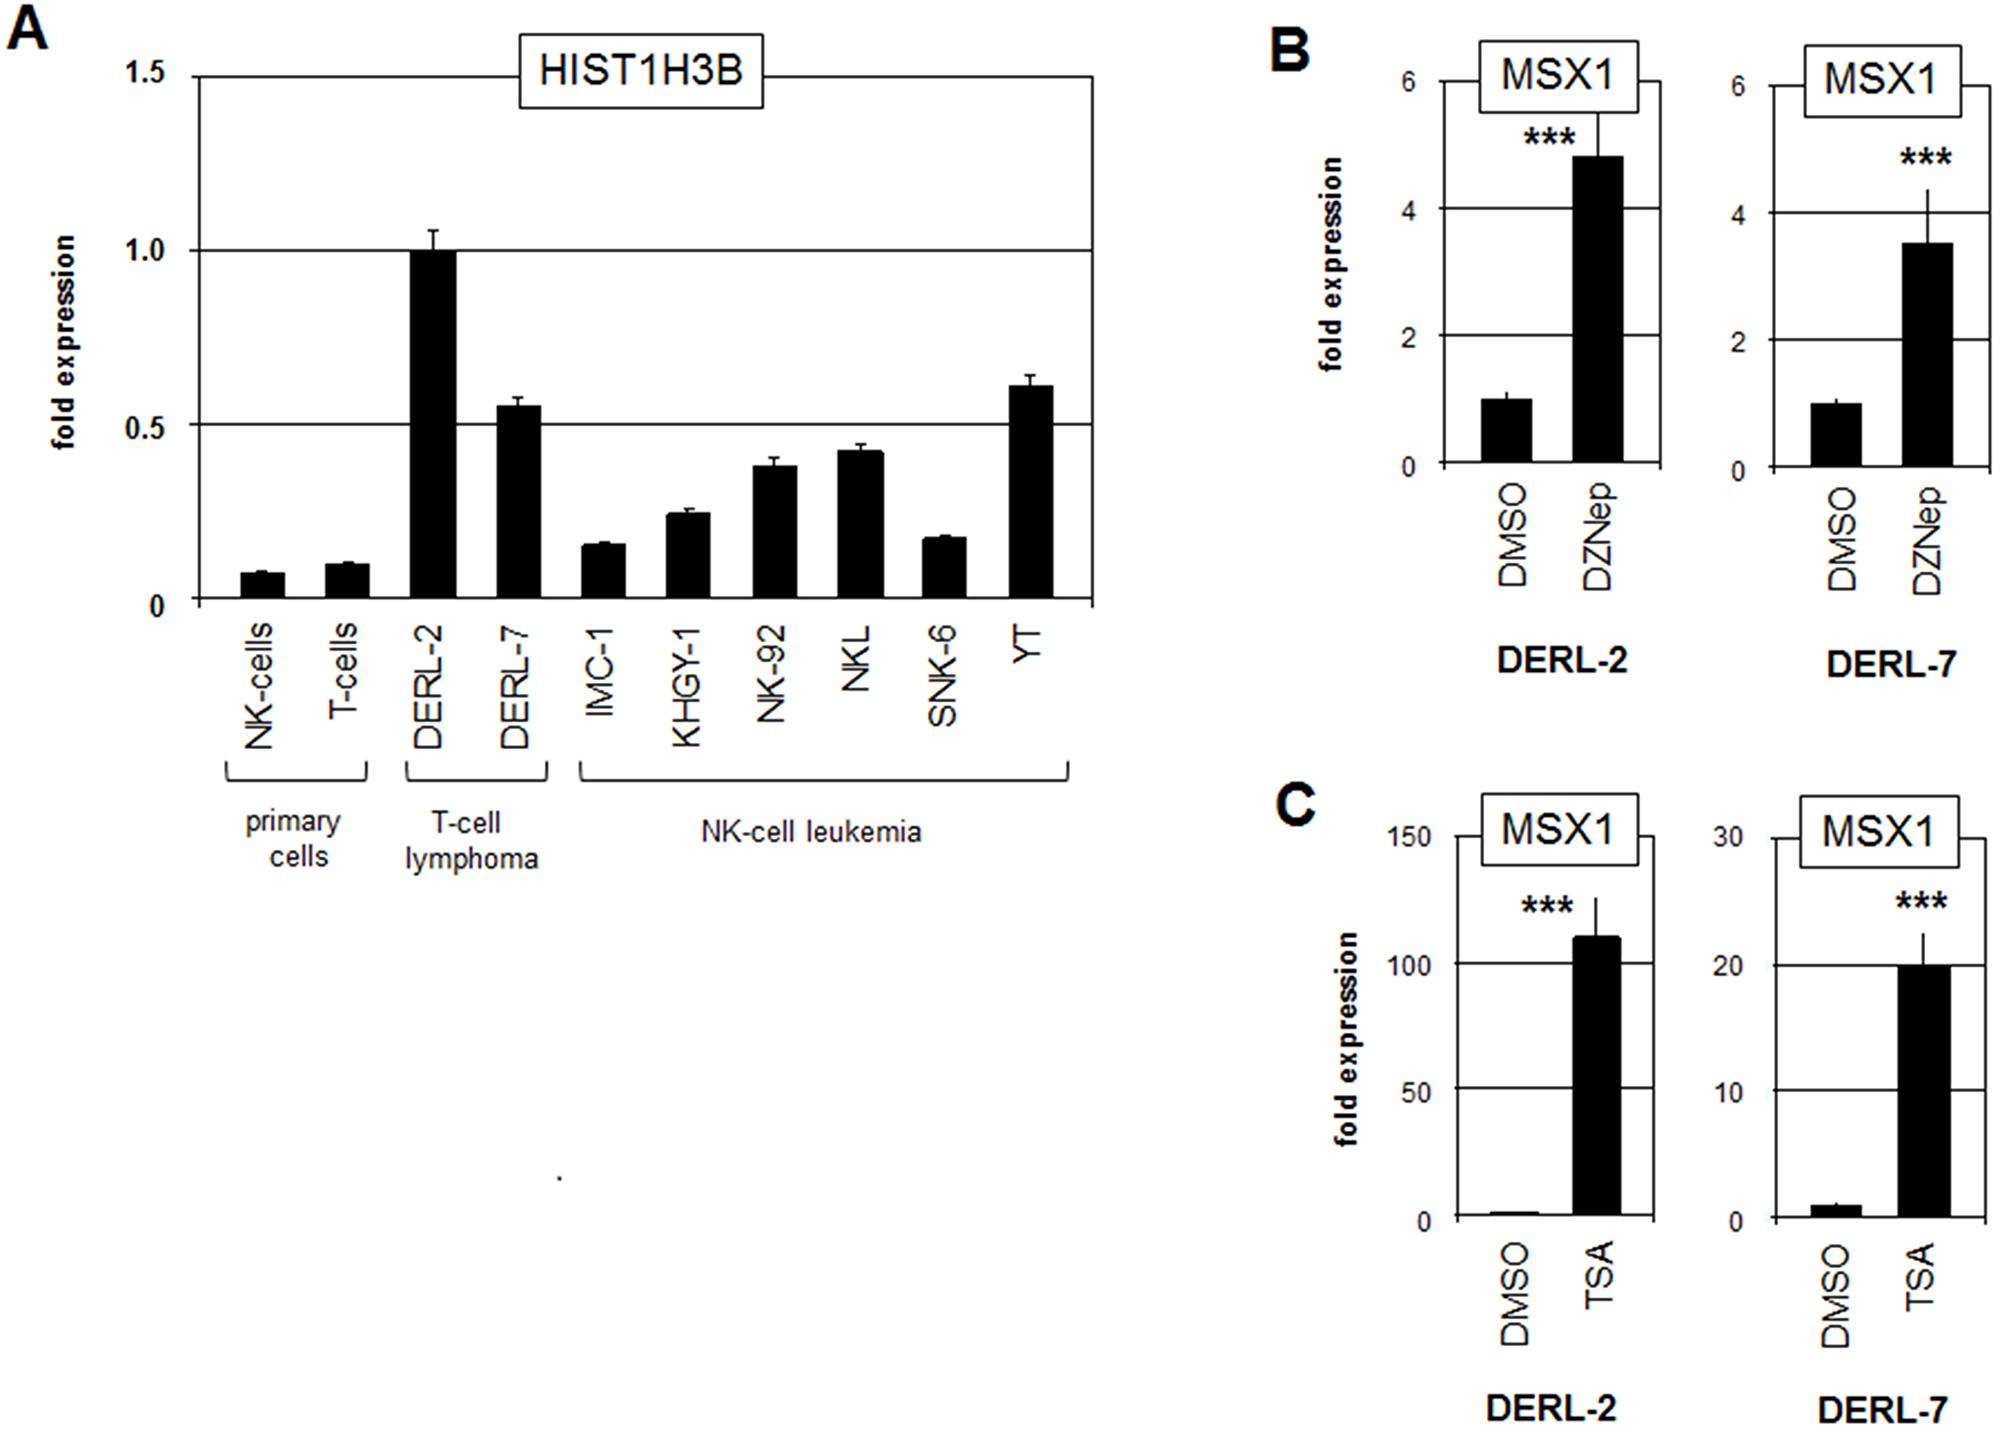 Analysis of mutated histone HIST1H3B.